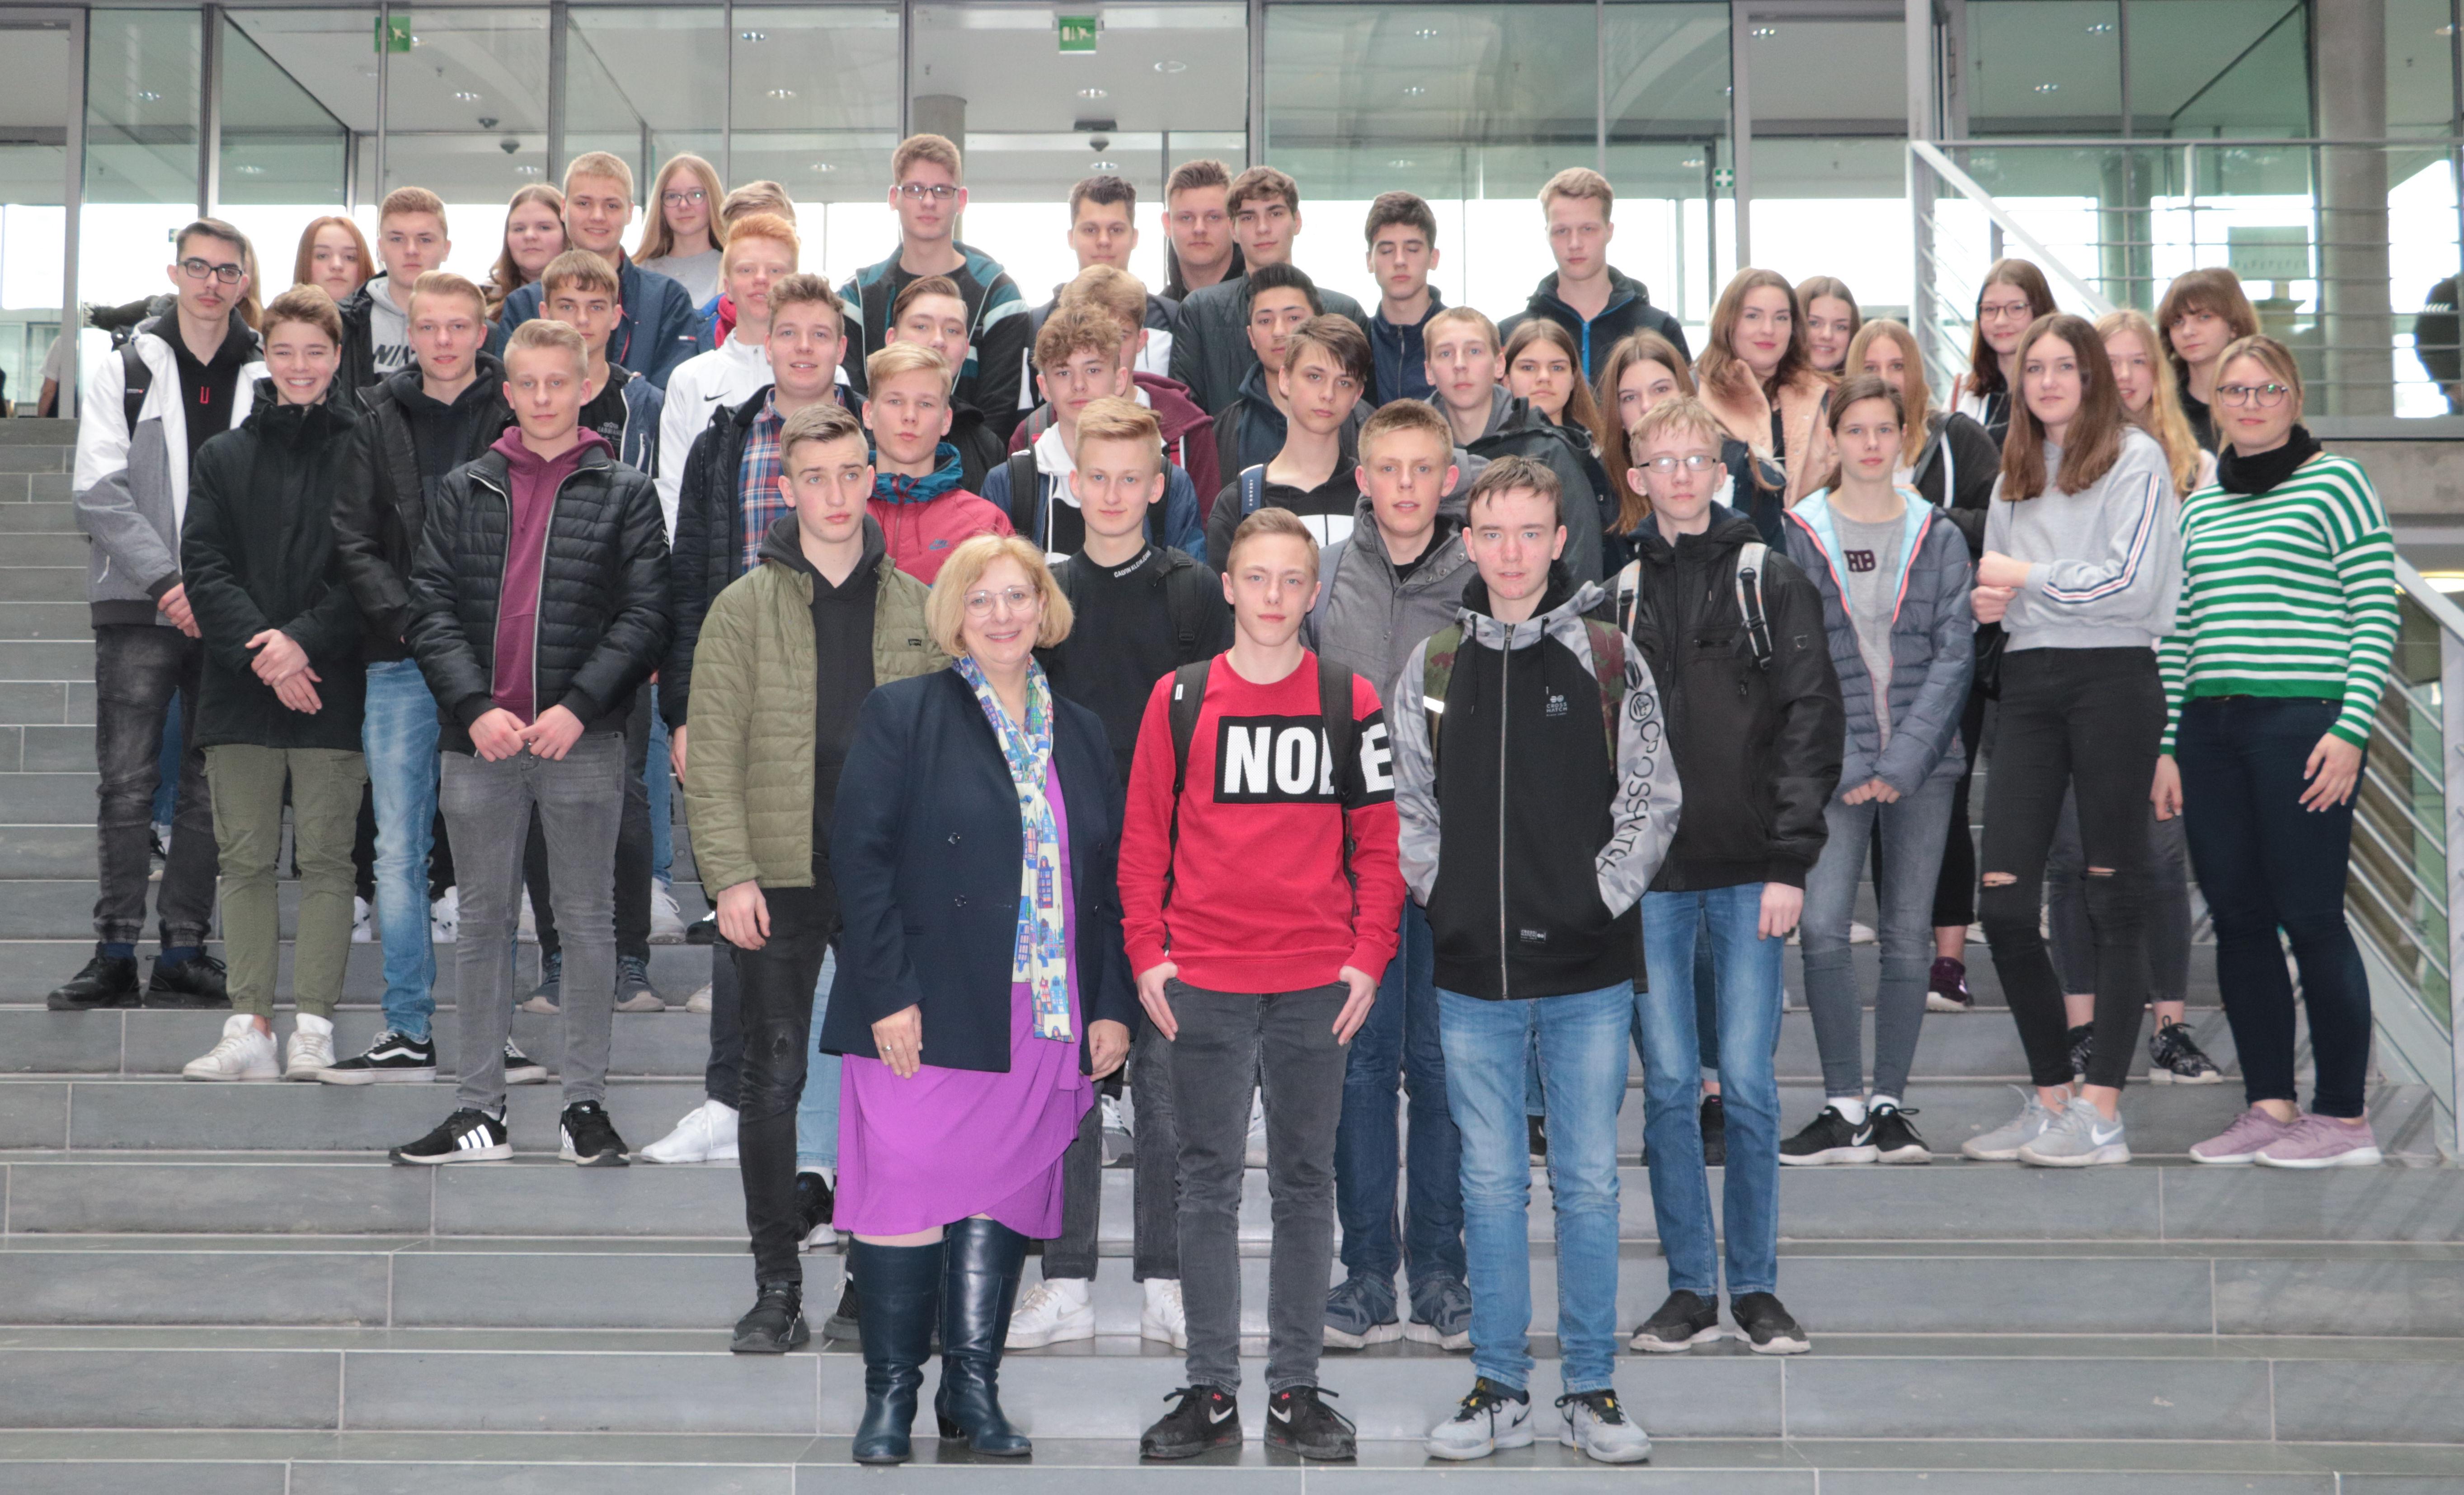 Kardinal-von-Galen-Schule aus Meppen zu Besuch im Deutschen Bundestag